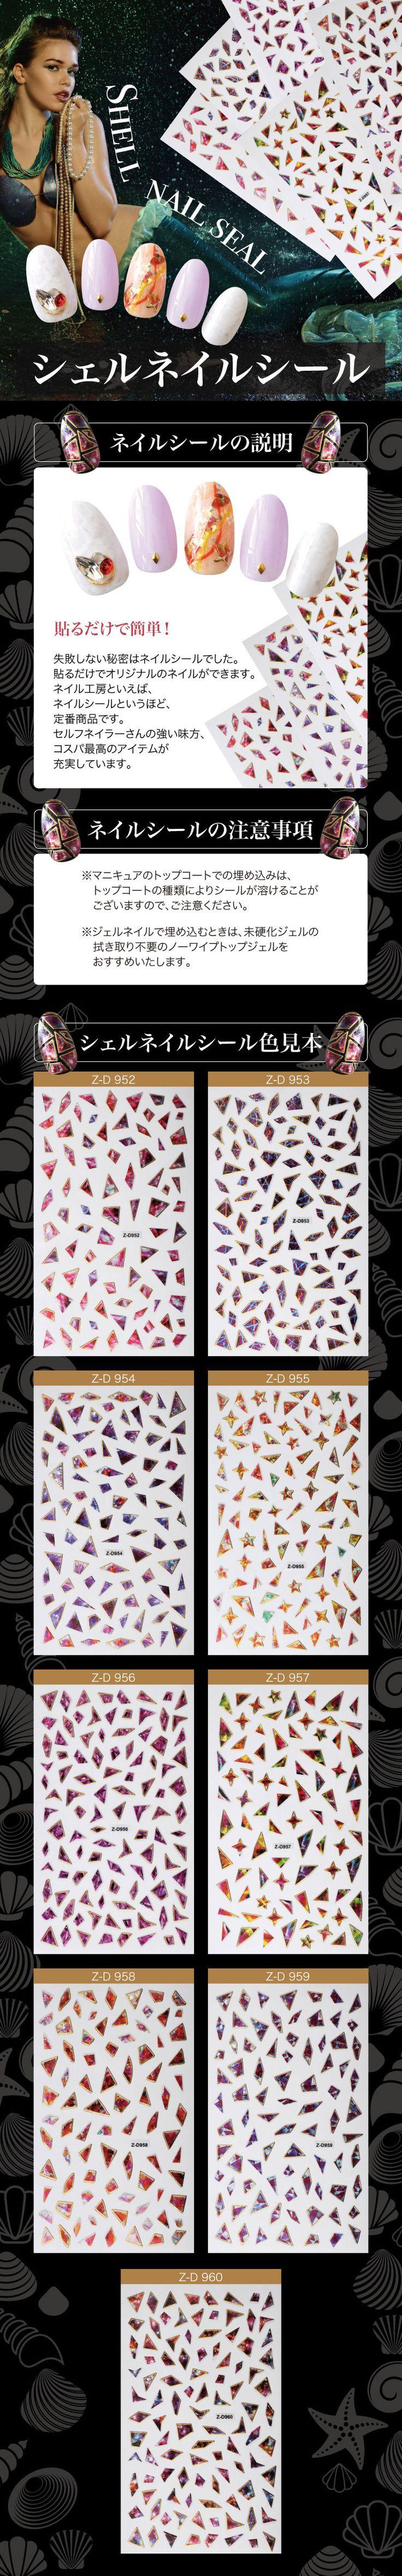 【楽天市場】【メール便OK】大判シェルネイルシール★ブロッキングネイルやスペースネイルなど個性的なデザインが楽しめます。ジェルネイルでは書けない繊細ネイルアート:ネイル工房